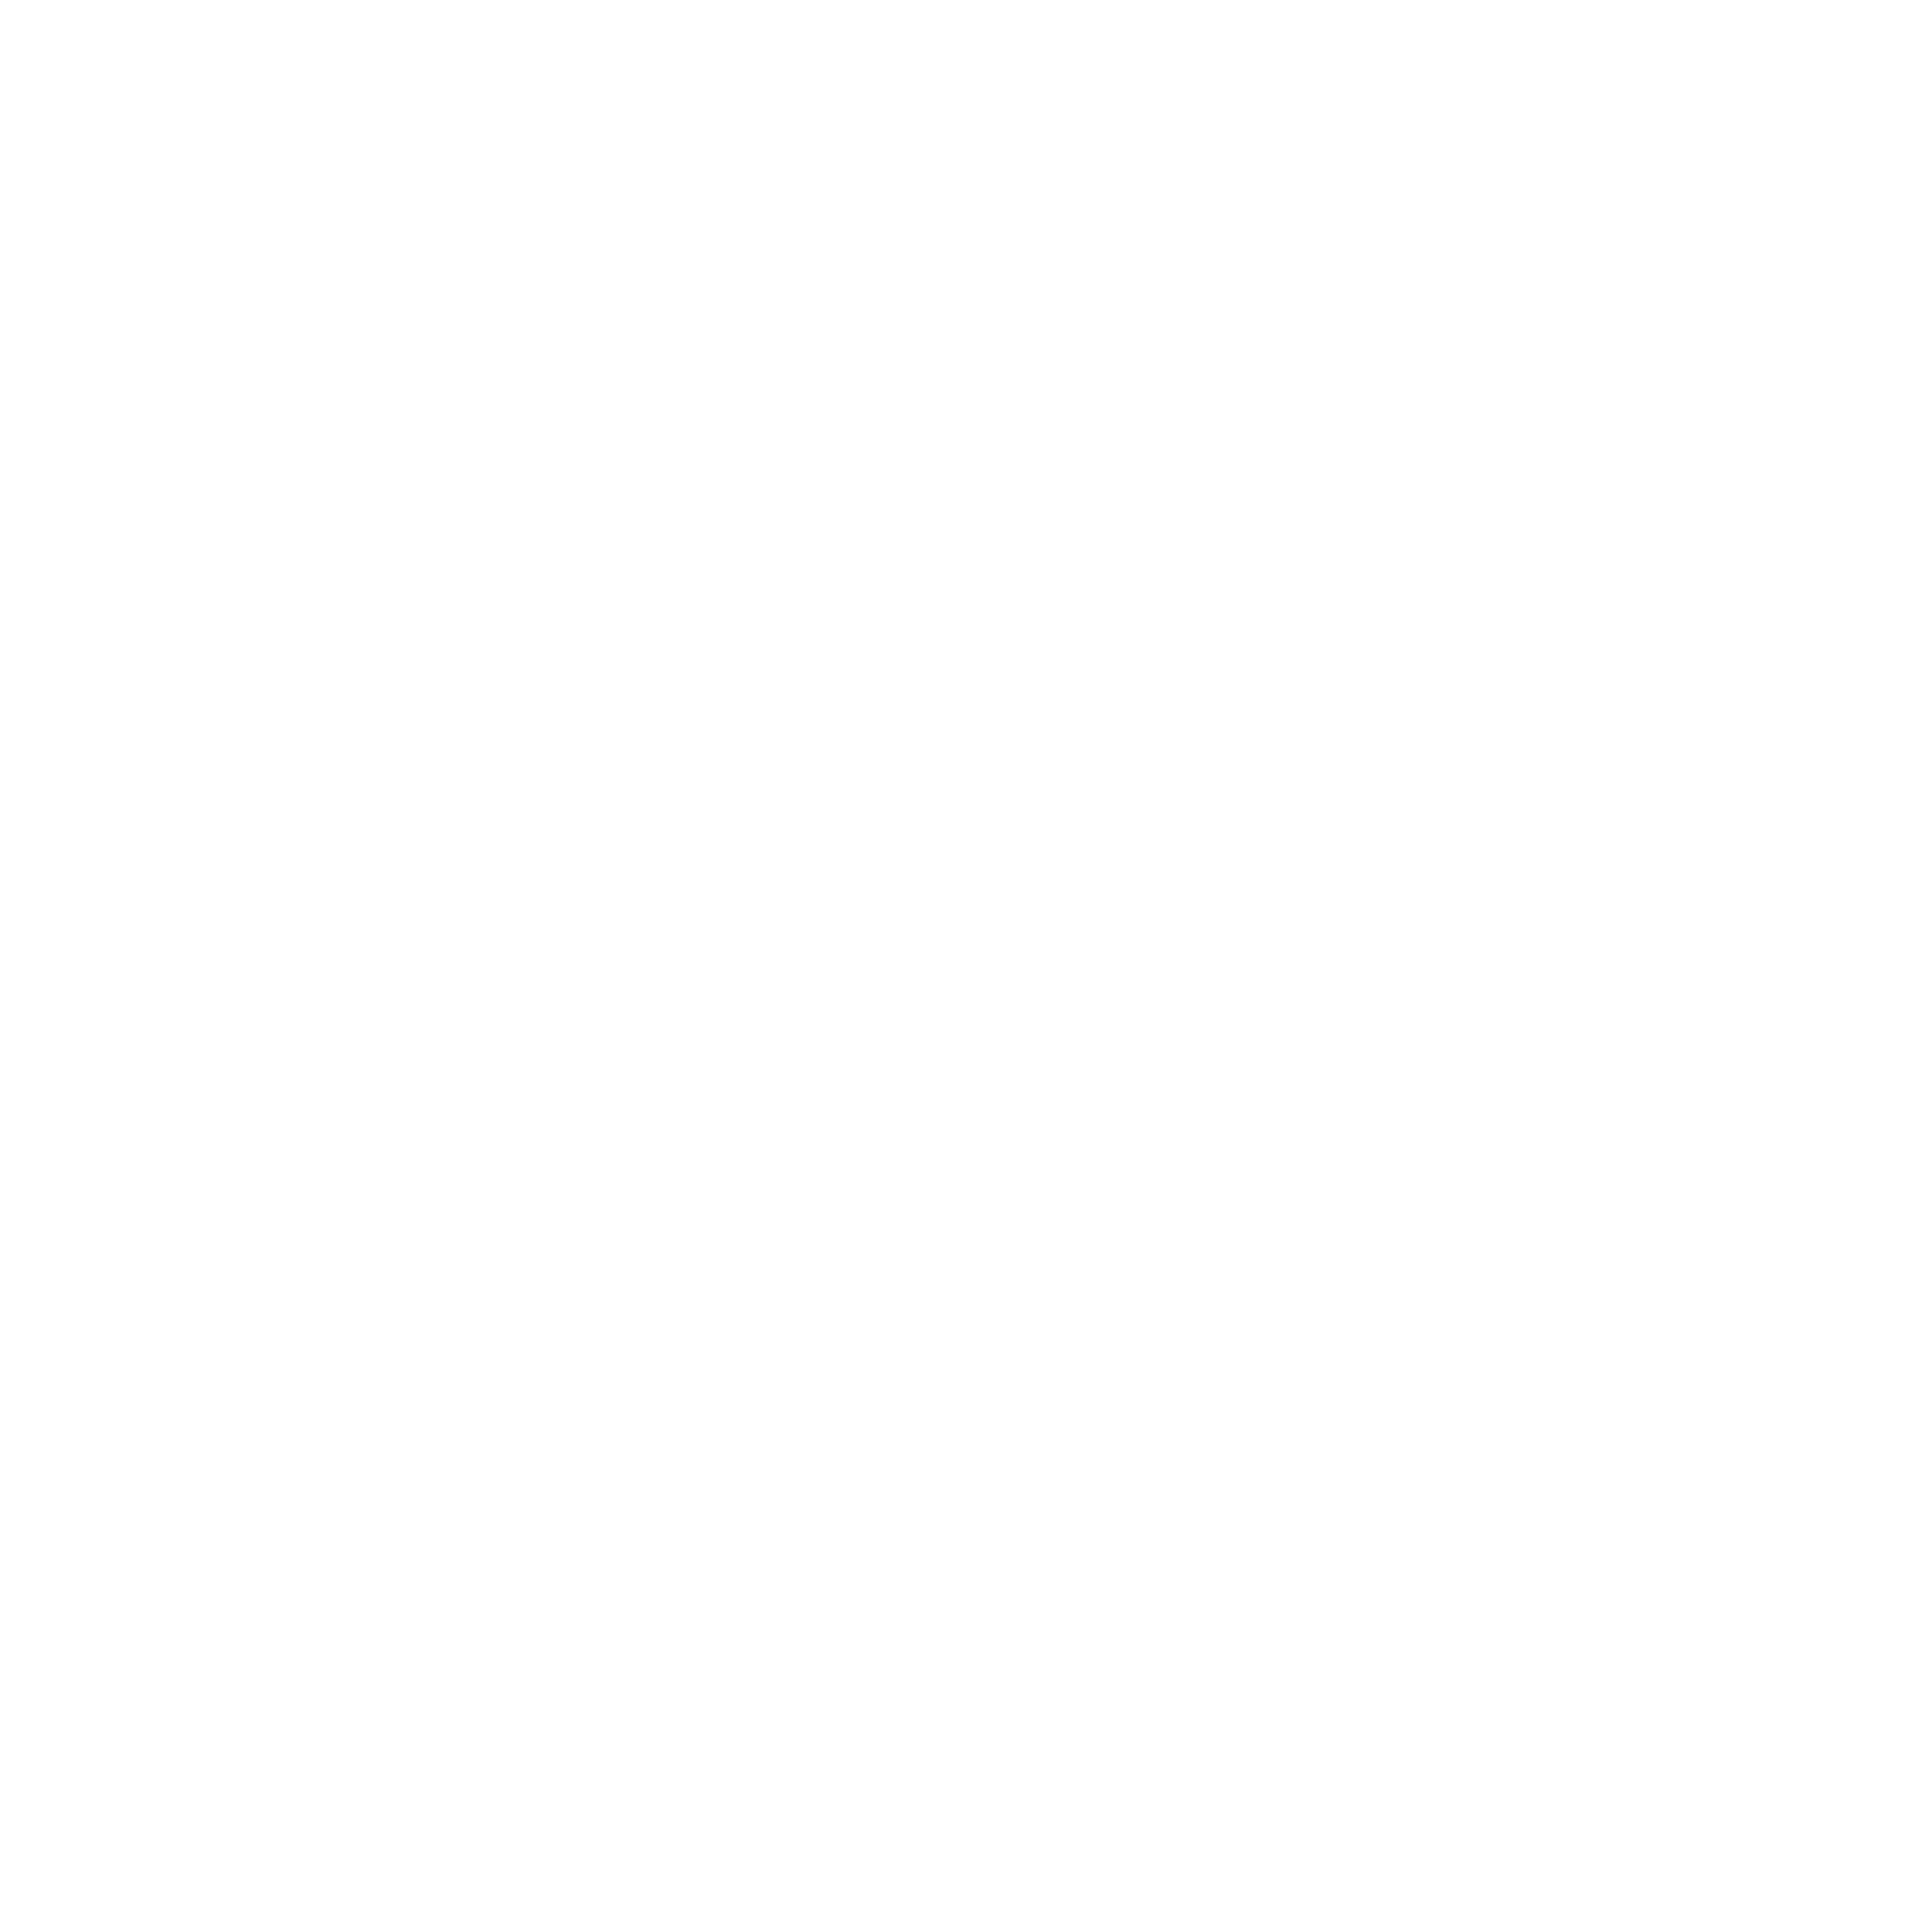 Logo recherche candidat